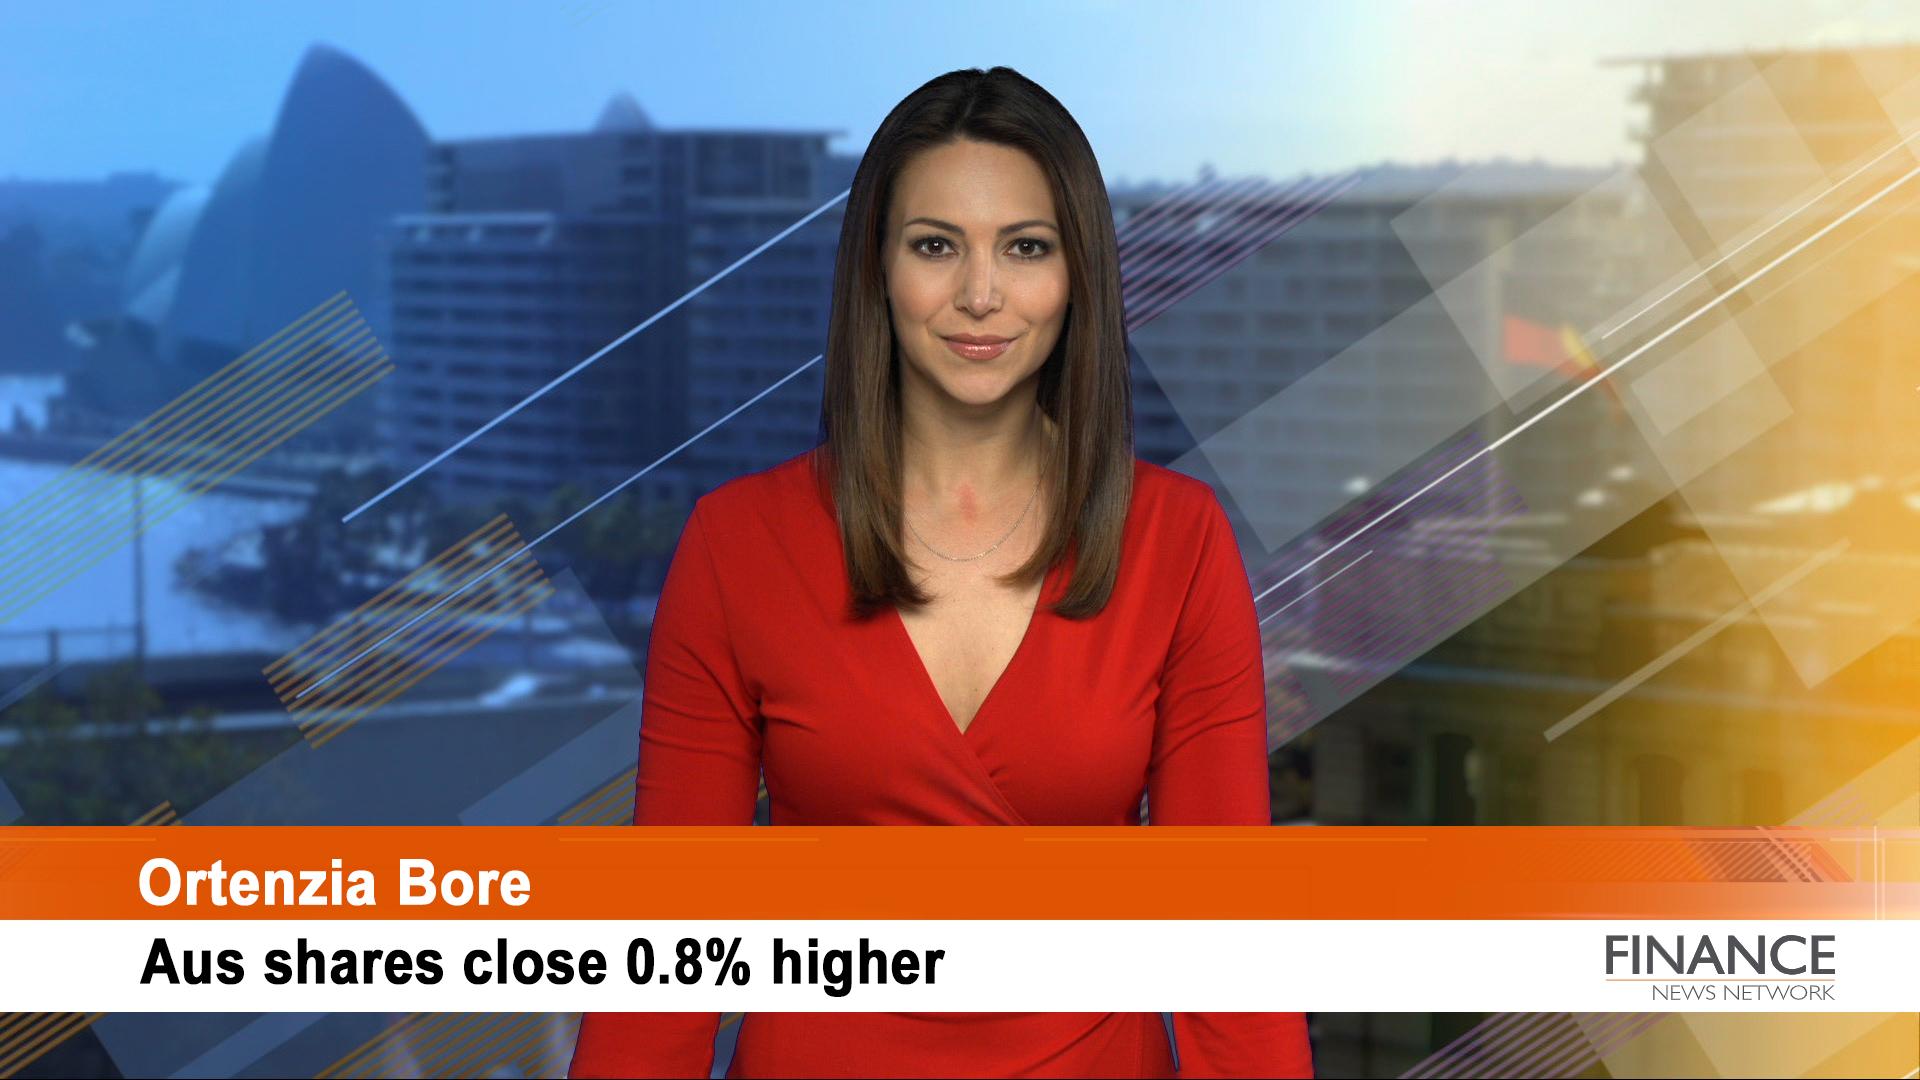 Suncorp (ASX:SUN) surpasses natural hazard allowance: Aus shares close 0.8% higher